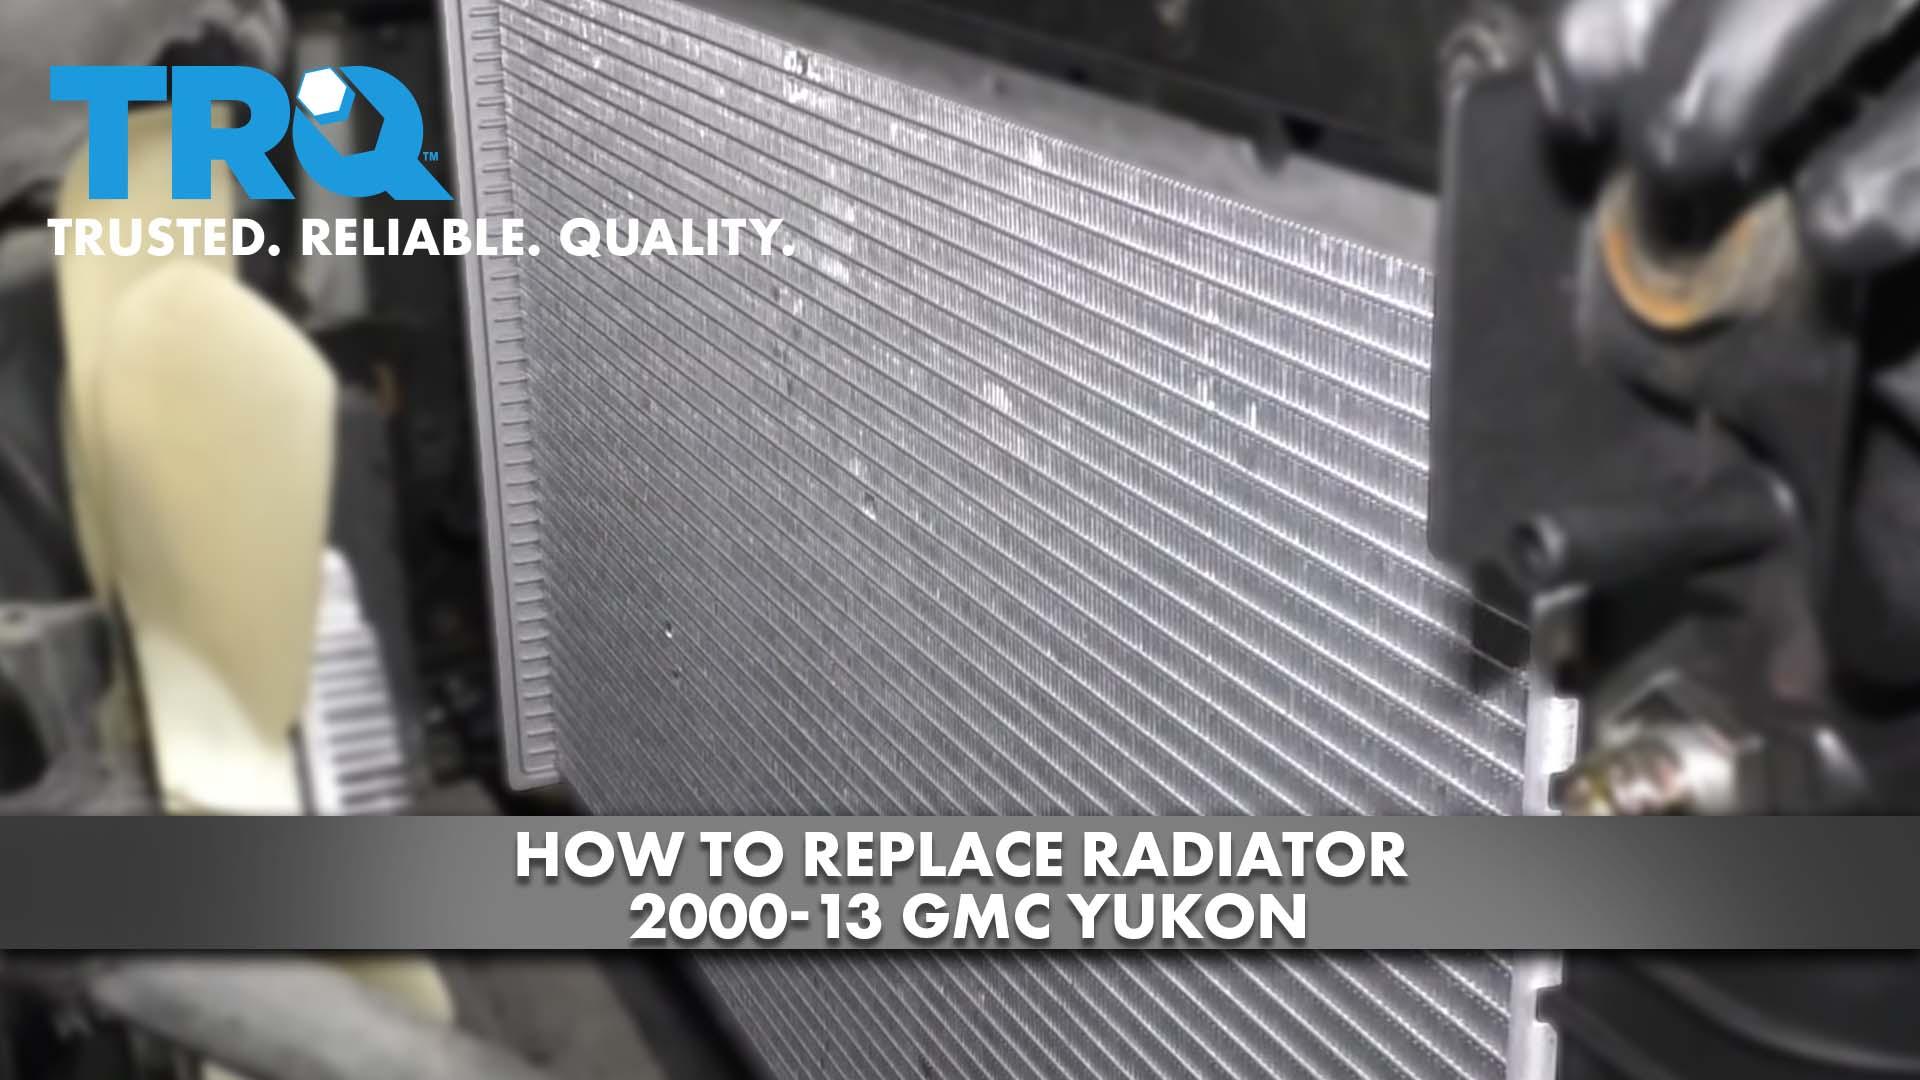 How to Replace Radiator 2000-13 GMC Yukon